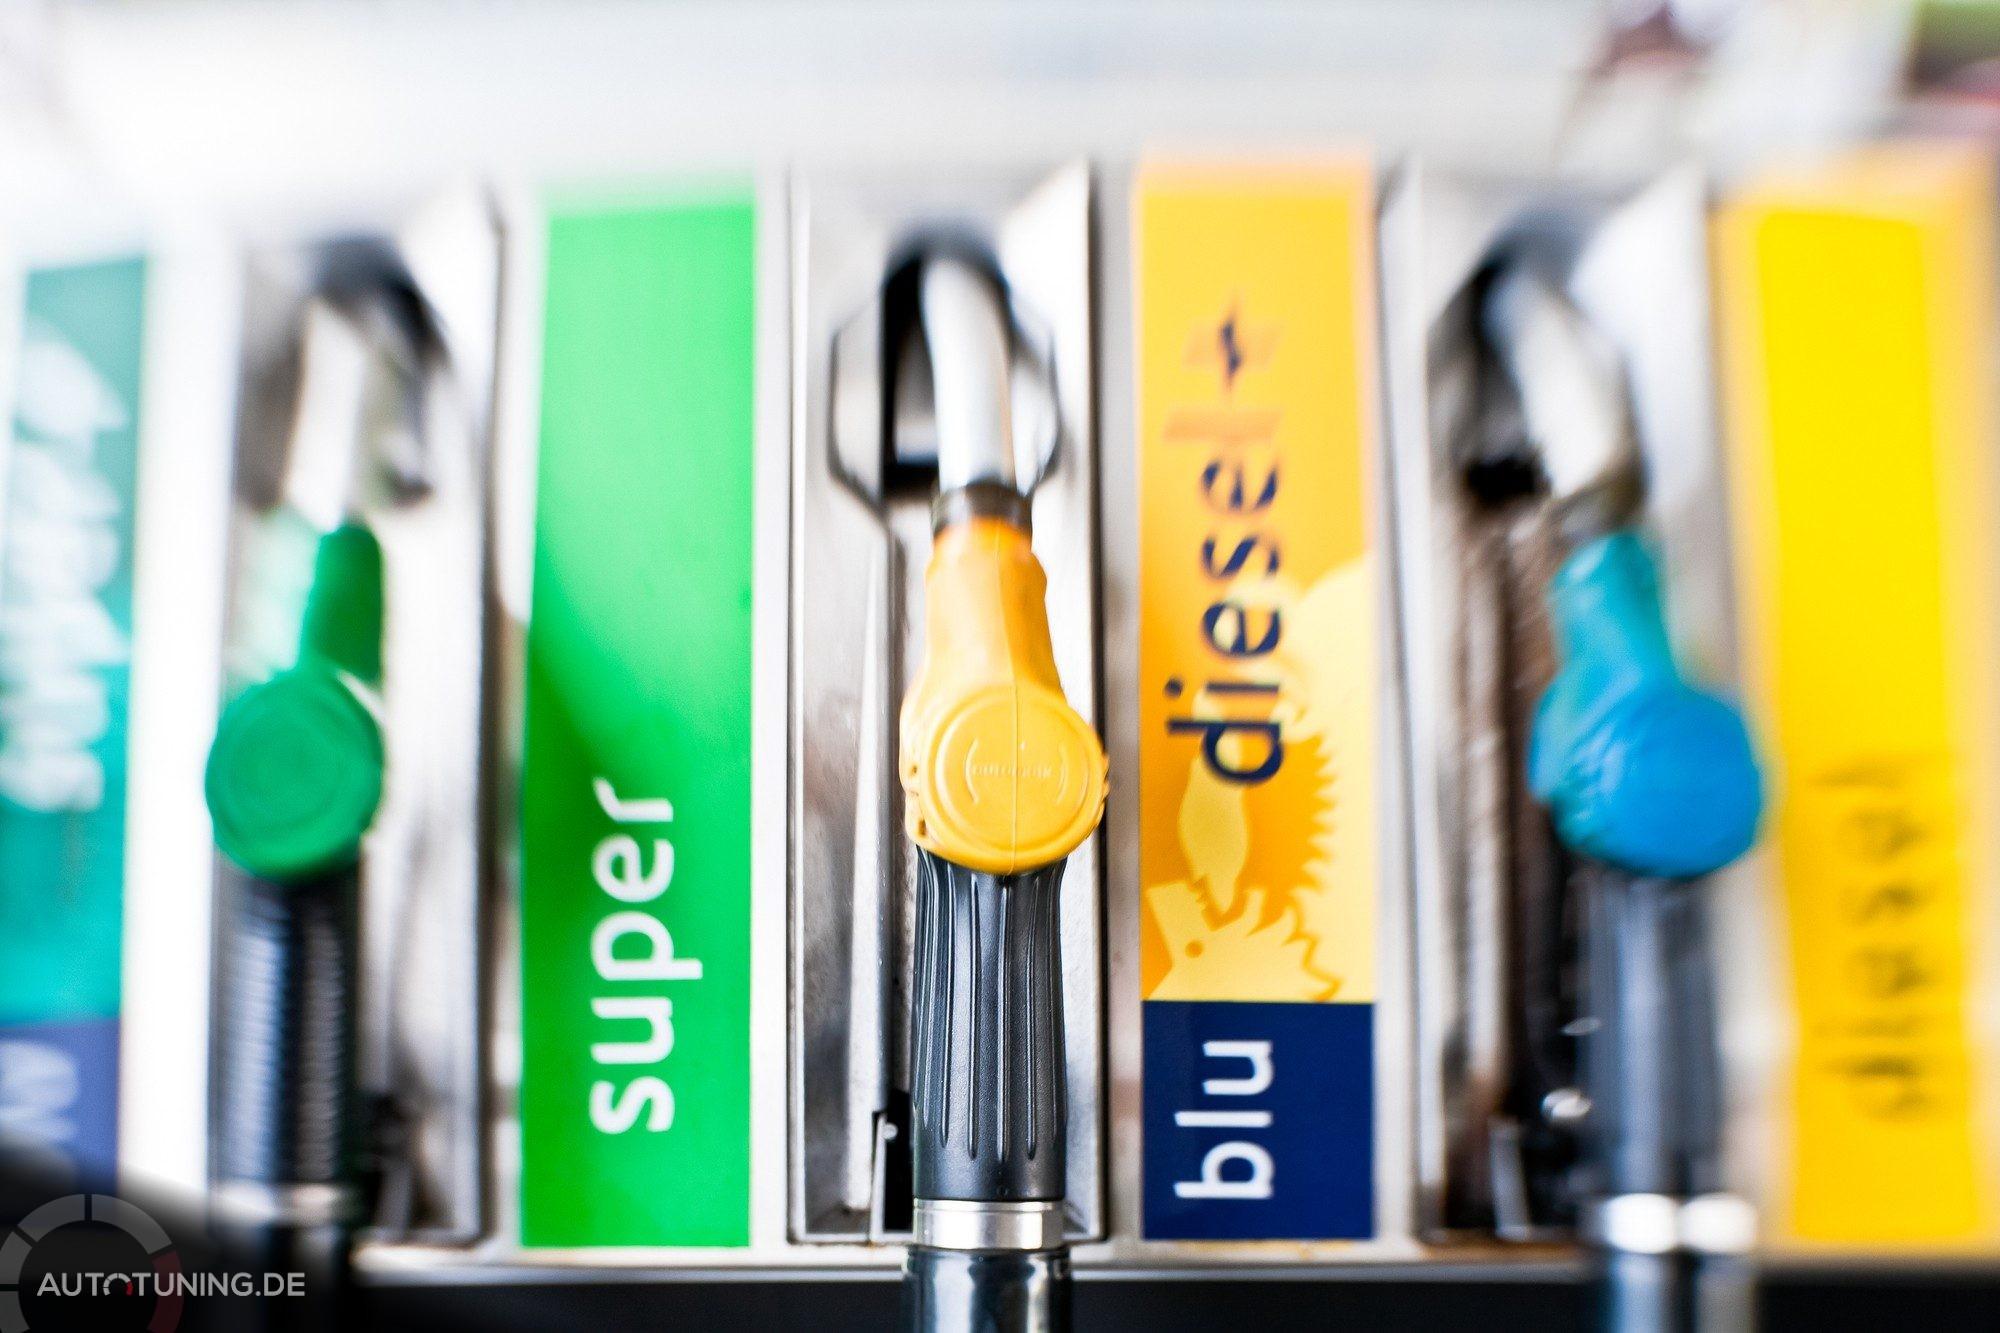 Verschiedene bunte Zapfhähne an einer Tankstelle